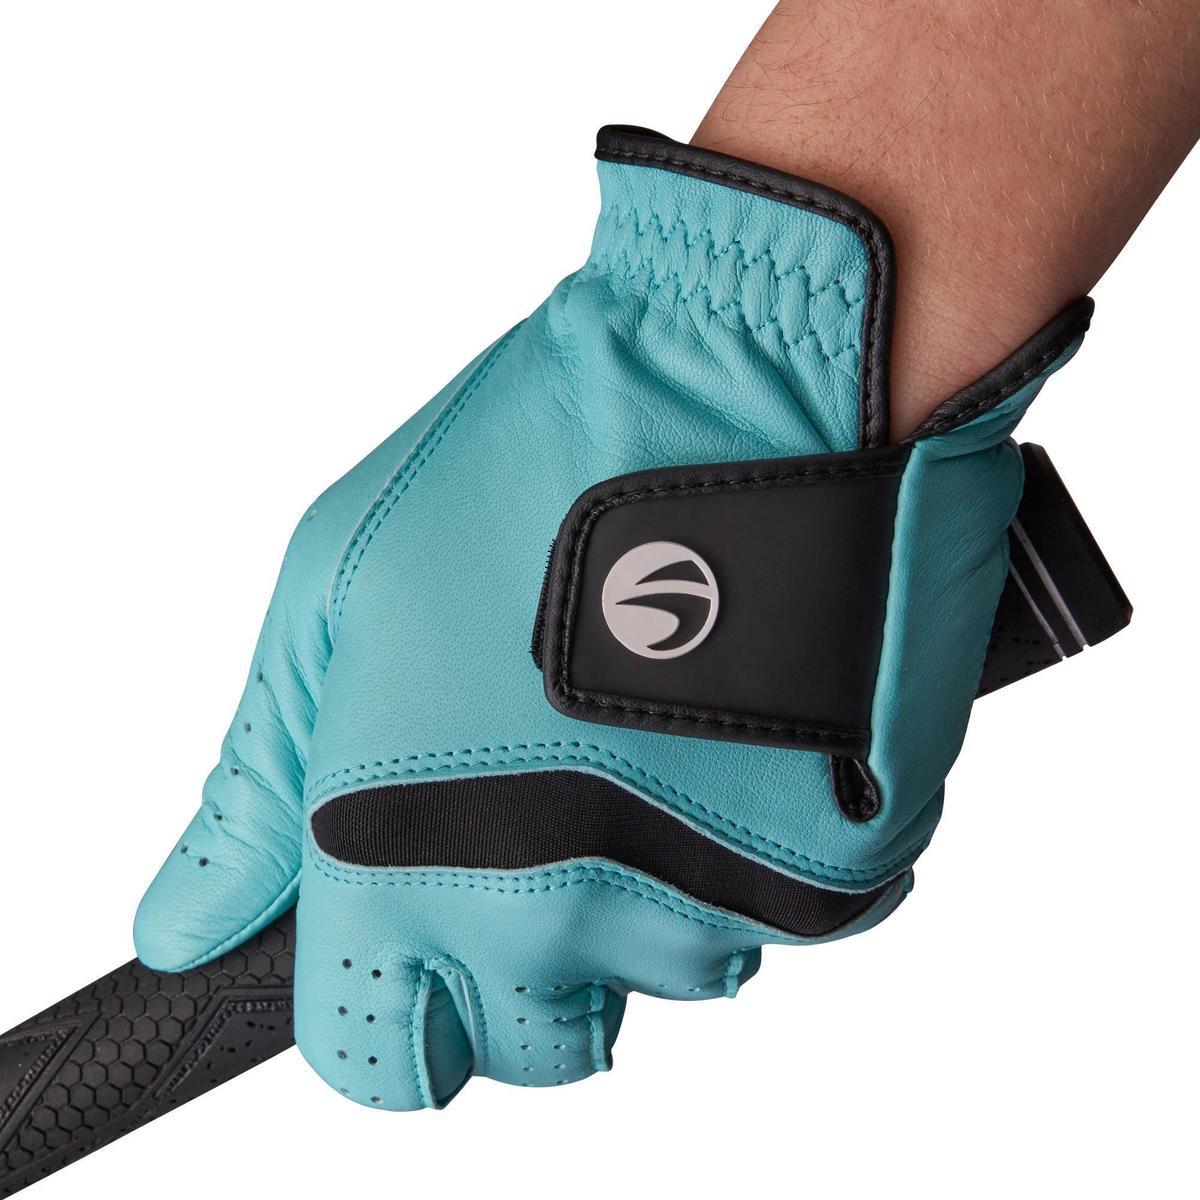 Bild 2 von Golfhandschuh 500 Rechtshand (für die linke Hand) Damen blau